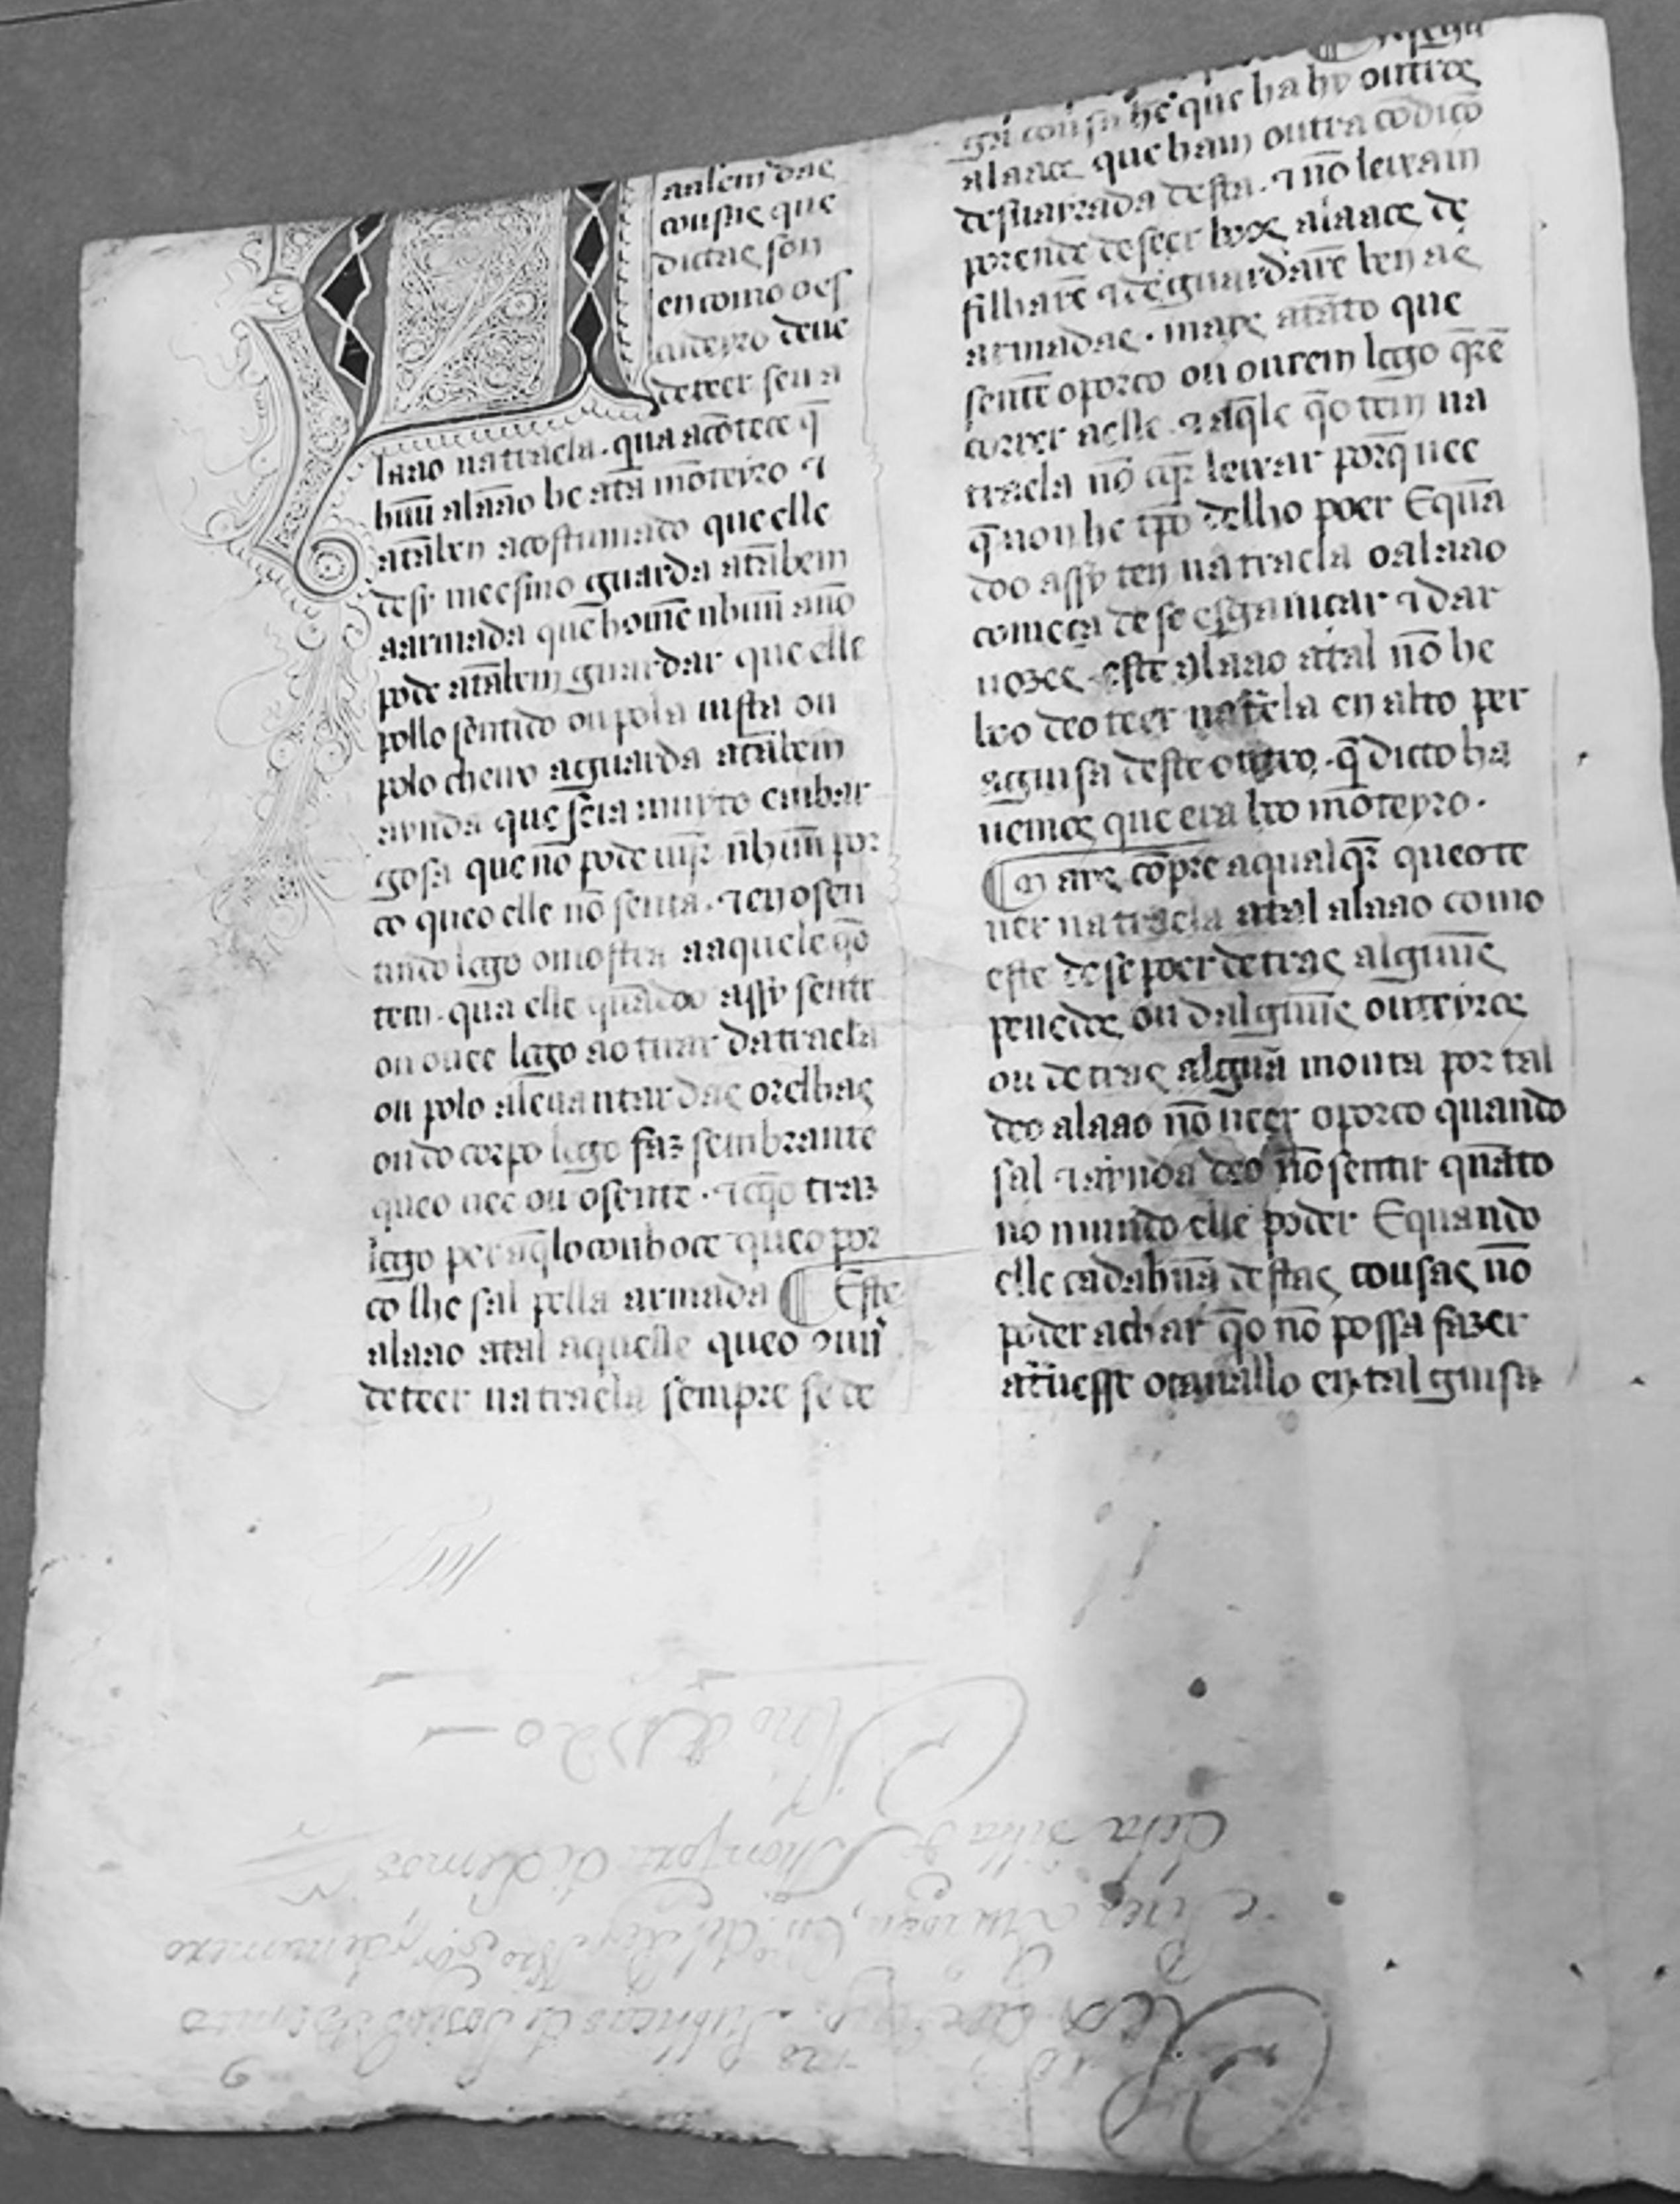 Folha do Livro da Montaria original, que havia sido roubada em 1995 e em 2014 foi devolvida ao Arquivo Provincial de Lugo (Galiza, Espanha). Imagem do Ministério da Cultura de Espanha